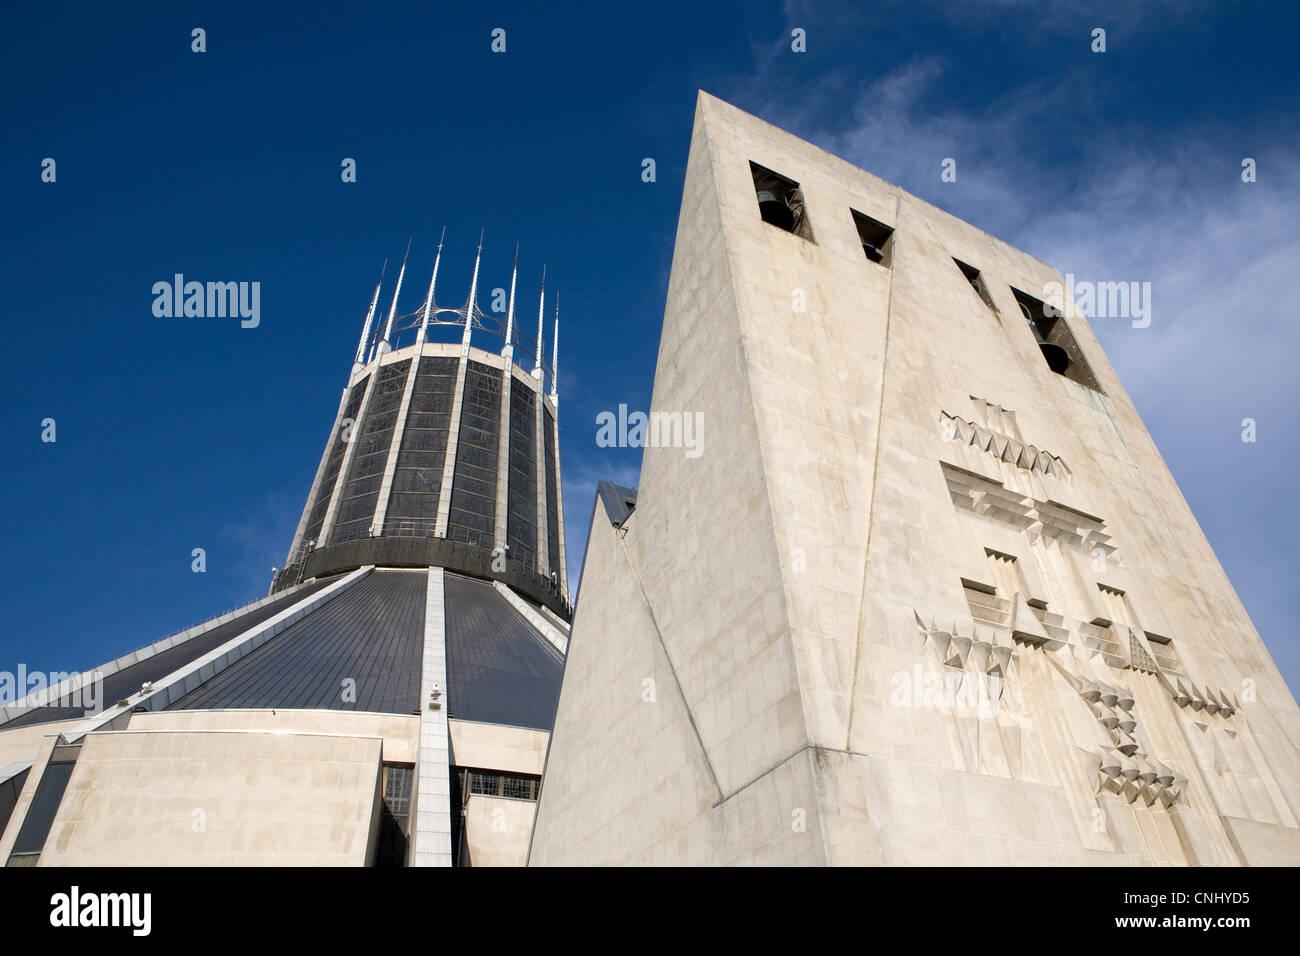 Cathédrale Métropolitaine de Liverpool, Liverpool, Royaume-Uni Photo Stock